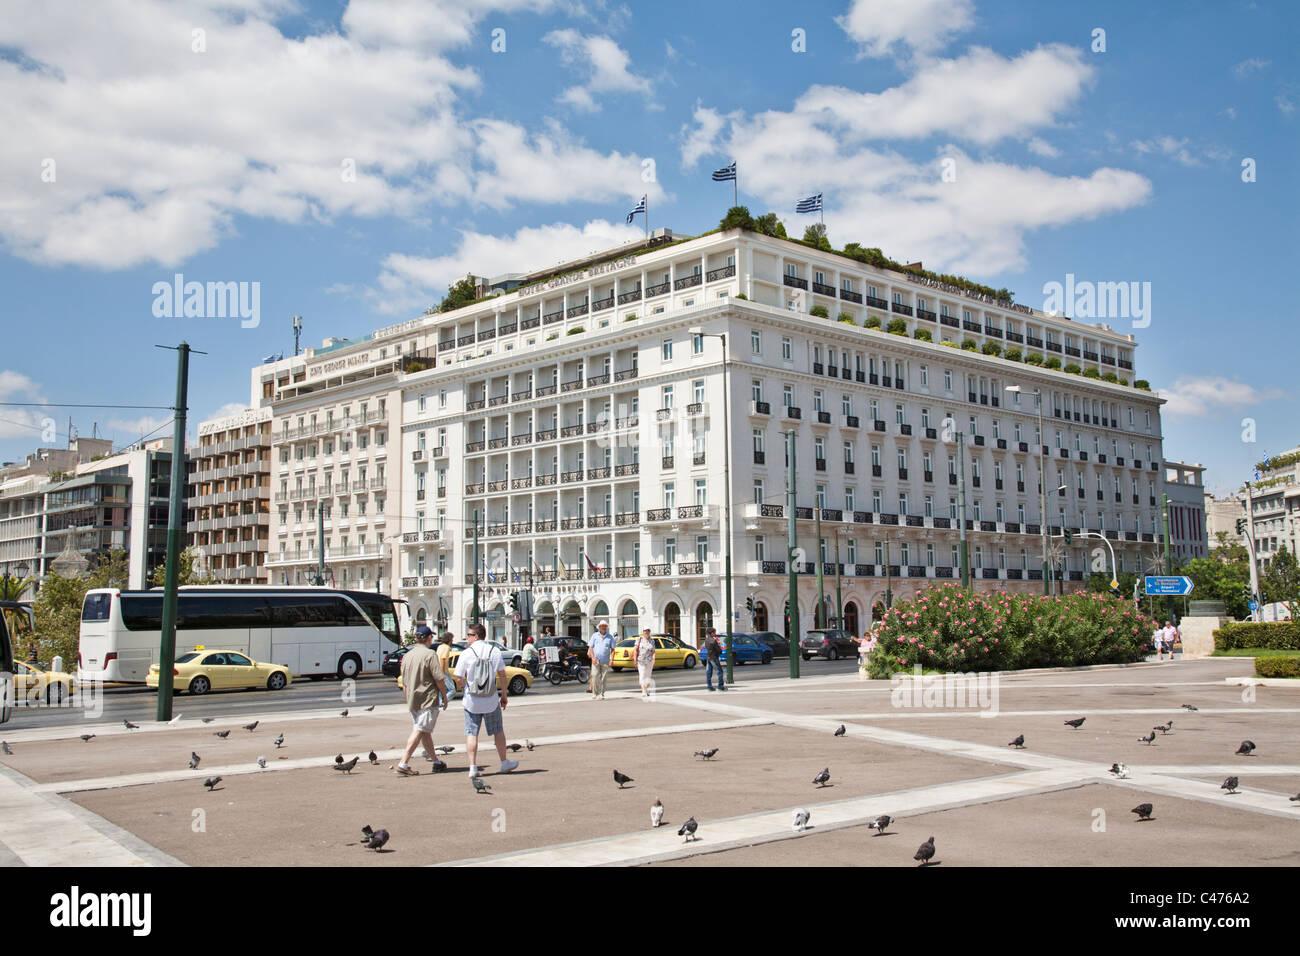 Hotel Grande Athens